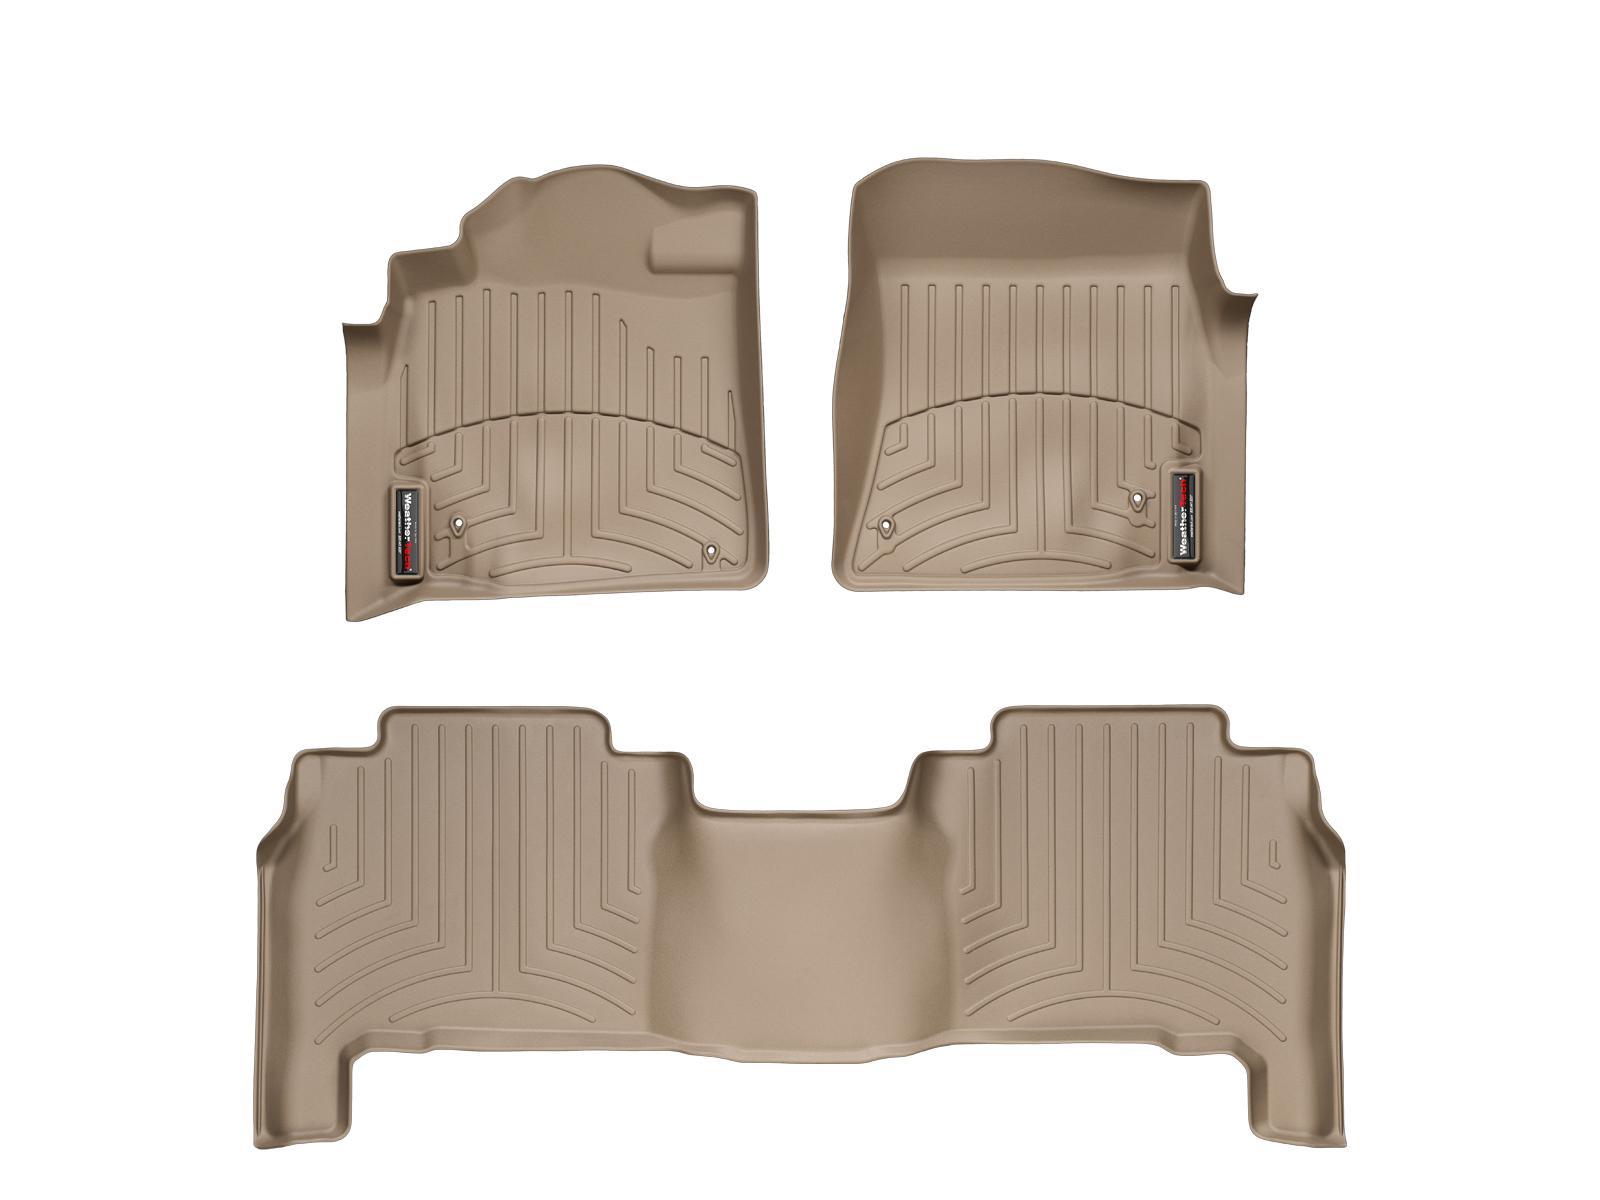 Tappeti gomma su misura bordo alto Toyota Land Cruiser V8 12>12 Marrone A3710*